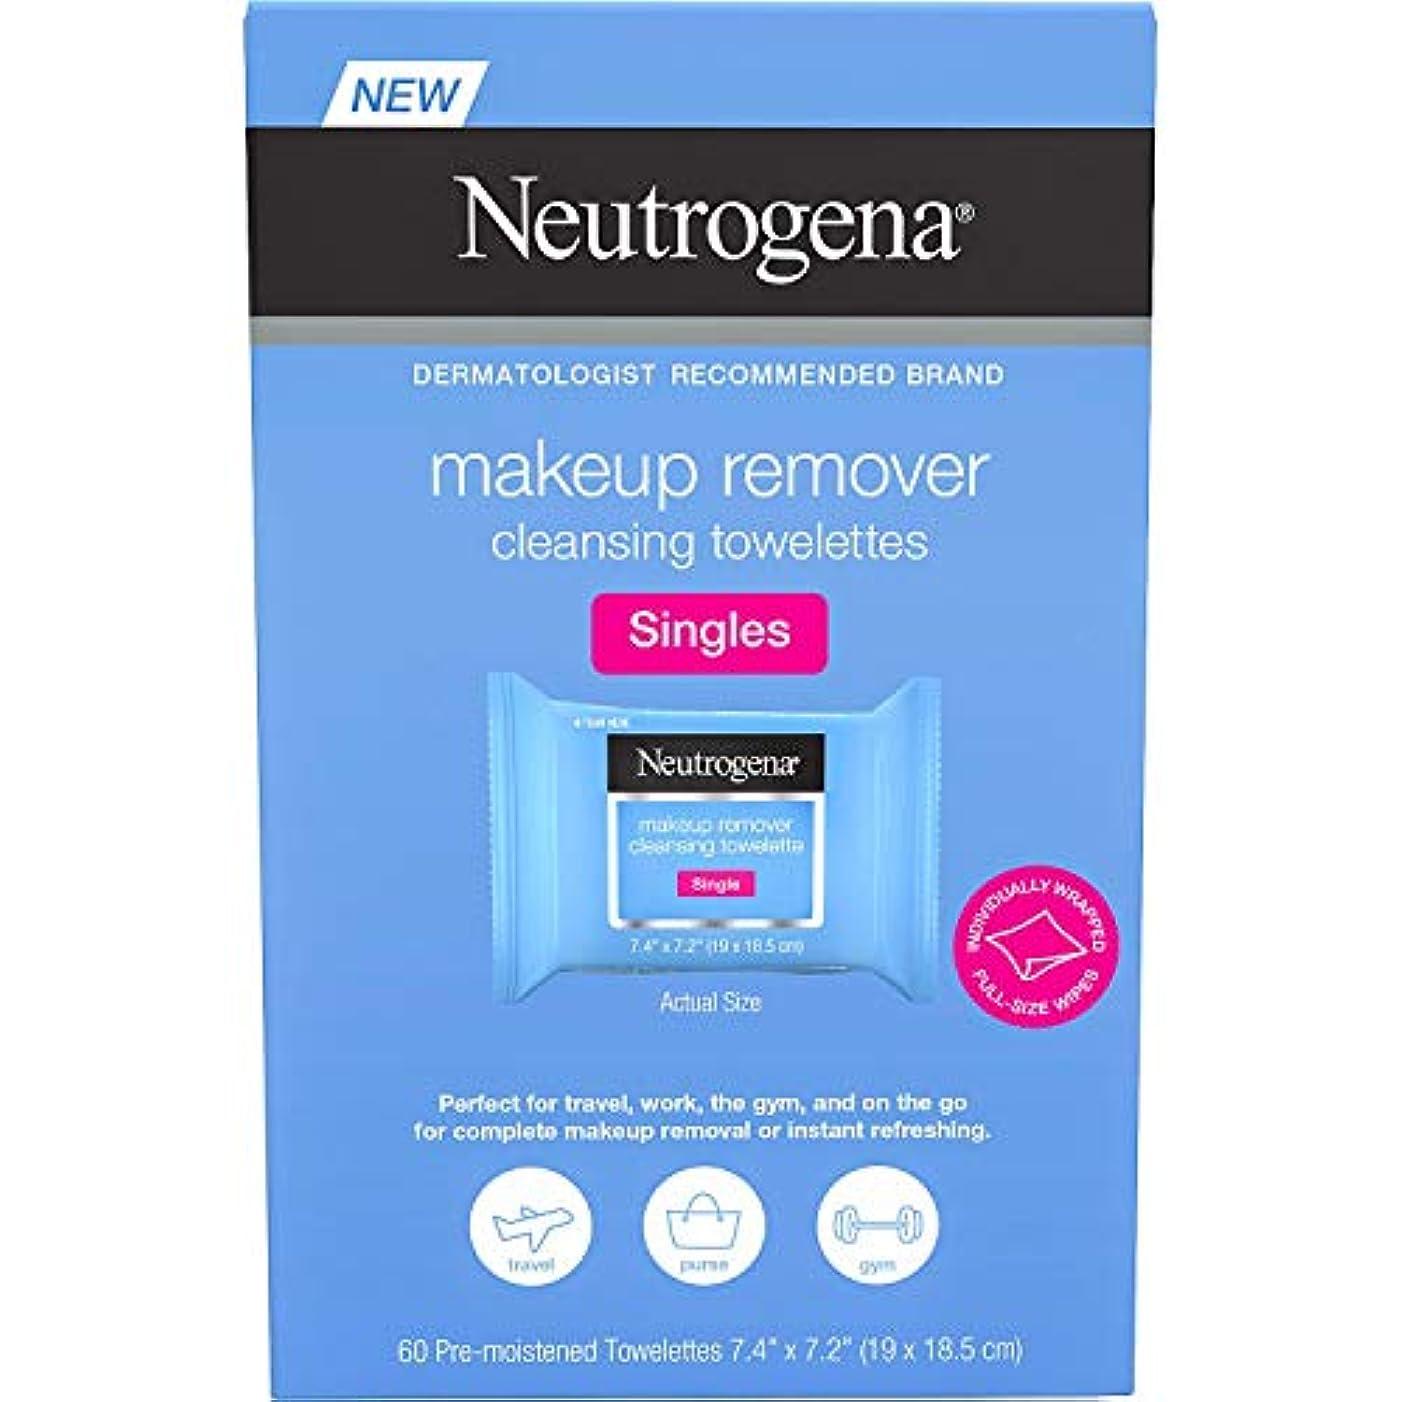 アクティビティプロポーショナルあなたのものNEUTROGENA Makeup Remover Cleansing Towelettes Singles Pack - 60 Count -1 Pack